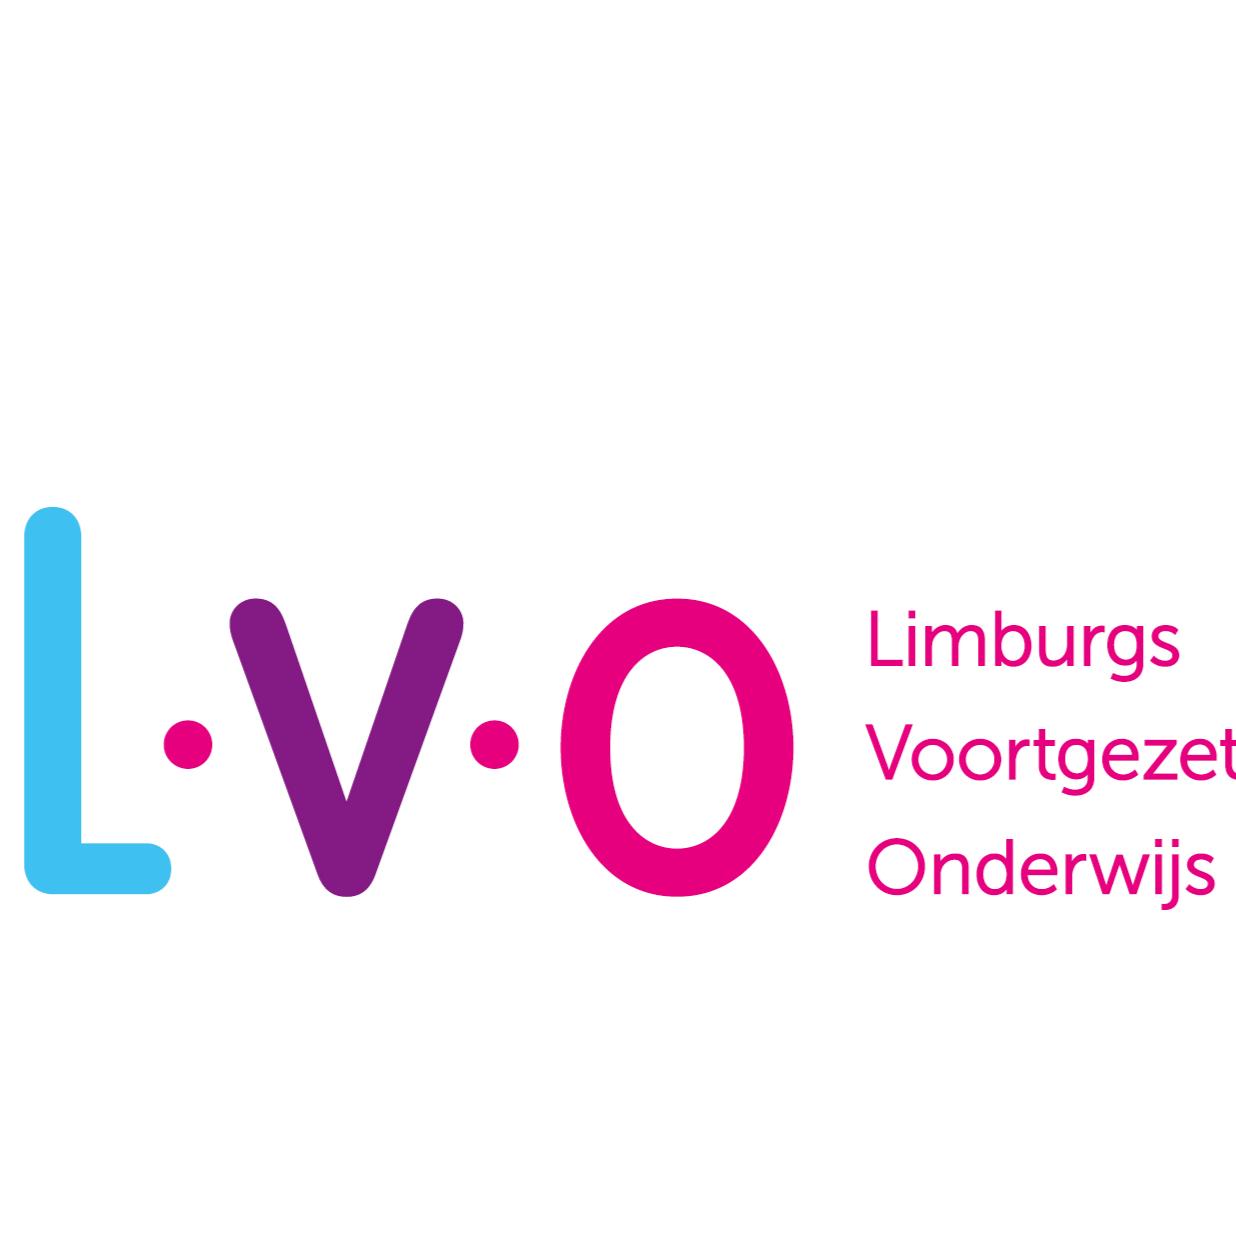 Stichting LVO Limburgs Voortgezet Onderwijs